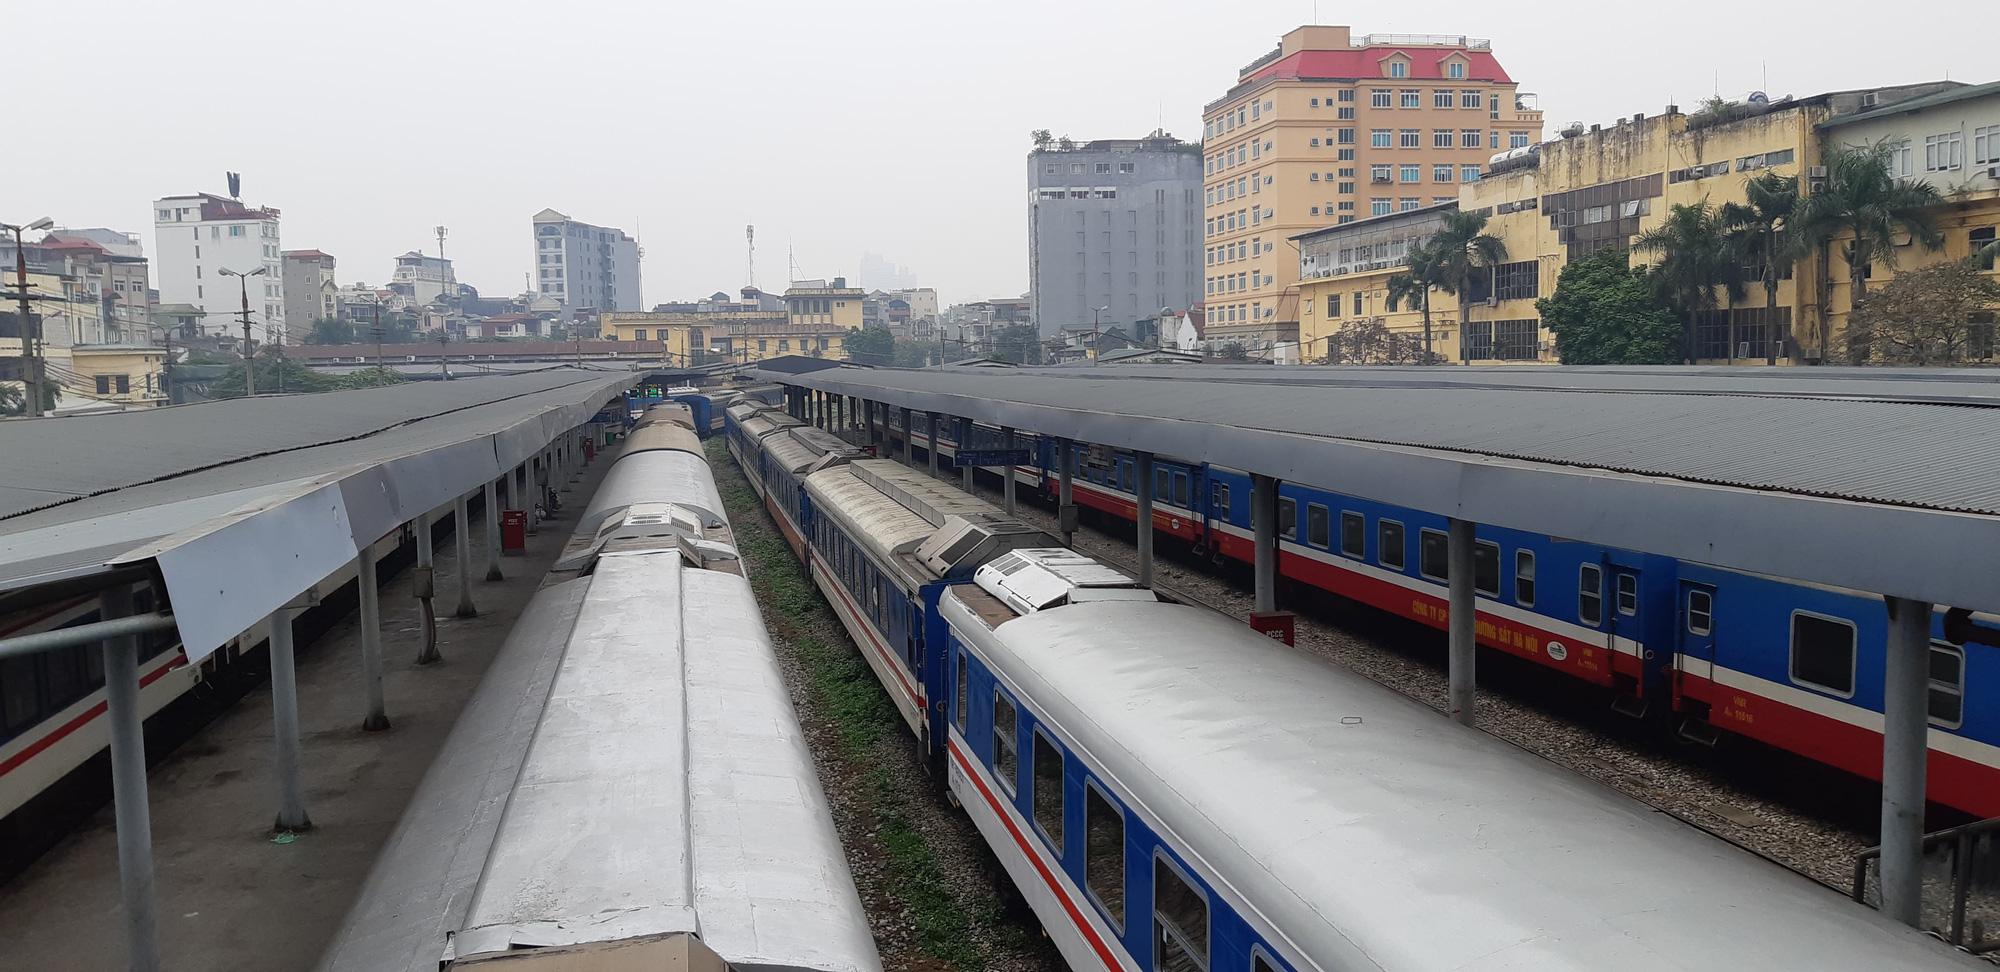 Đường sắt khảo sát xây dựng bãi hàng lớn trên trục đường sắt Bắc - Nam - Ảnh 1.